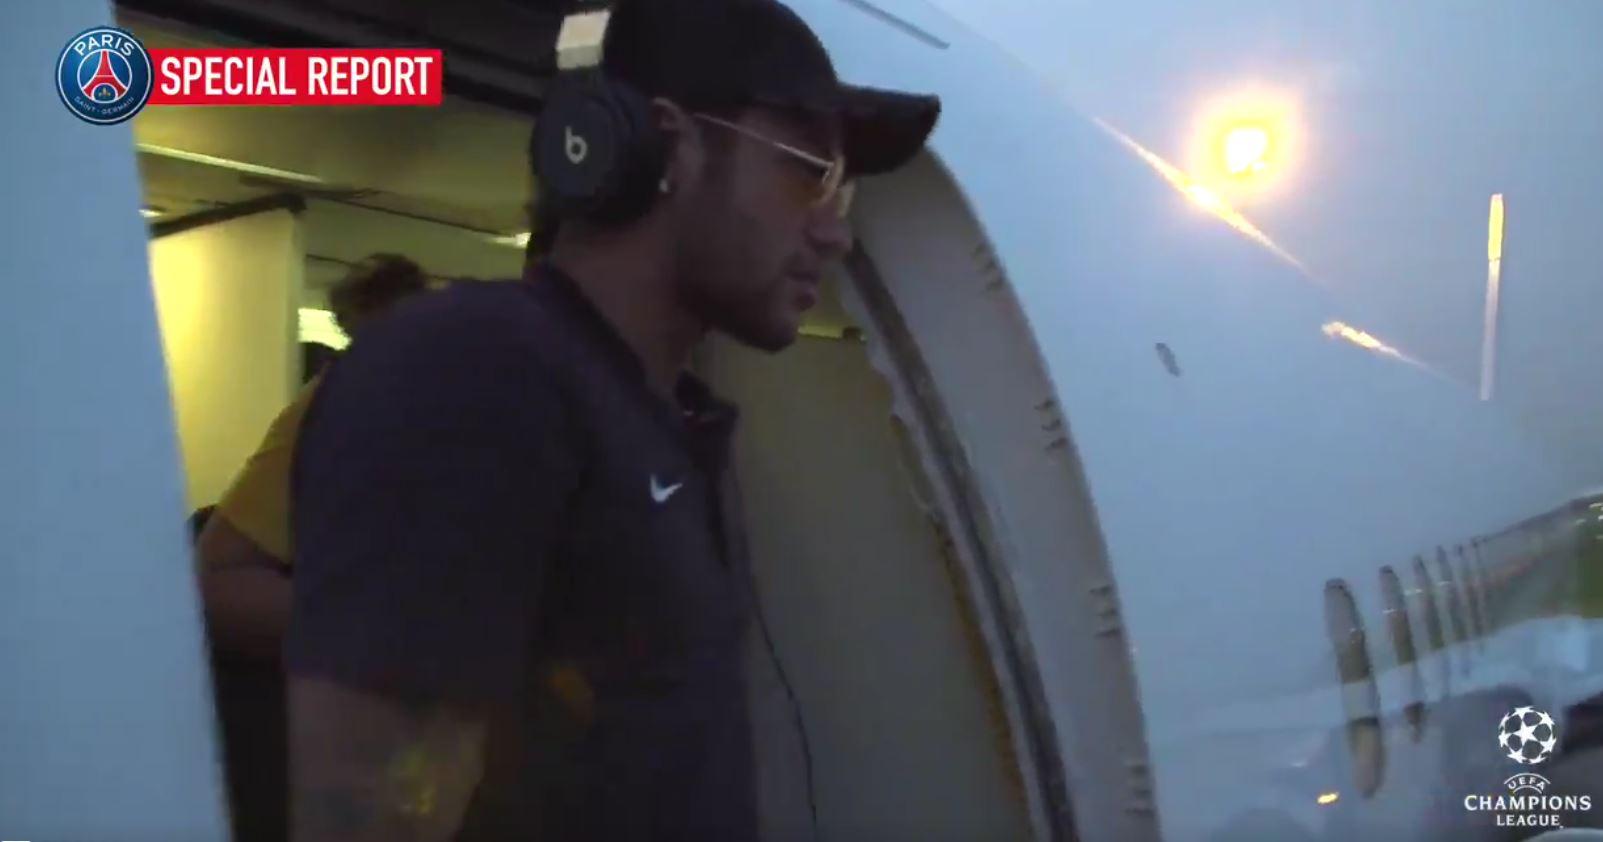 Football - Ligue des champions - Pour rejoindre Bruxelles, le PSG a pris l'avion des Rolling Stones